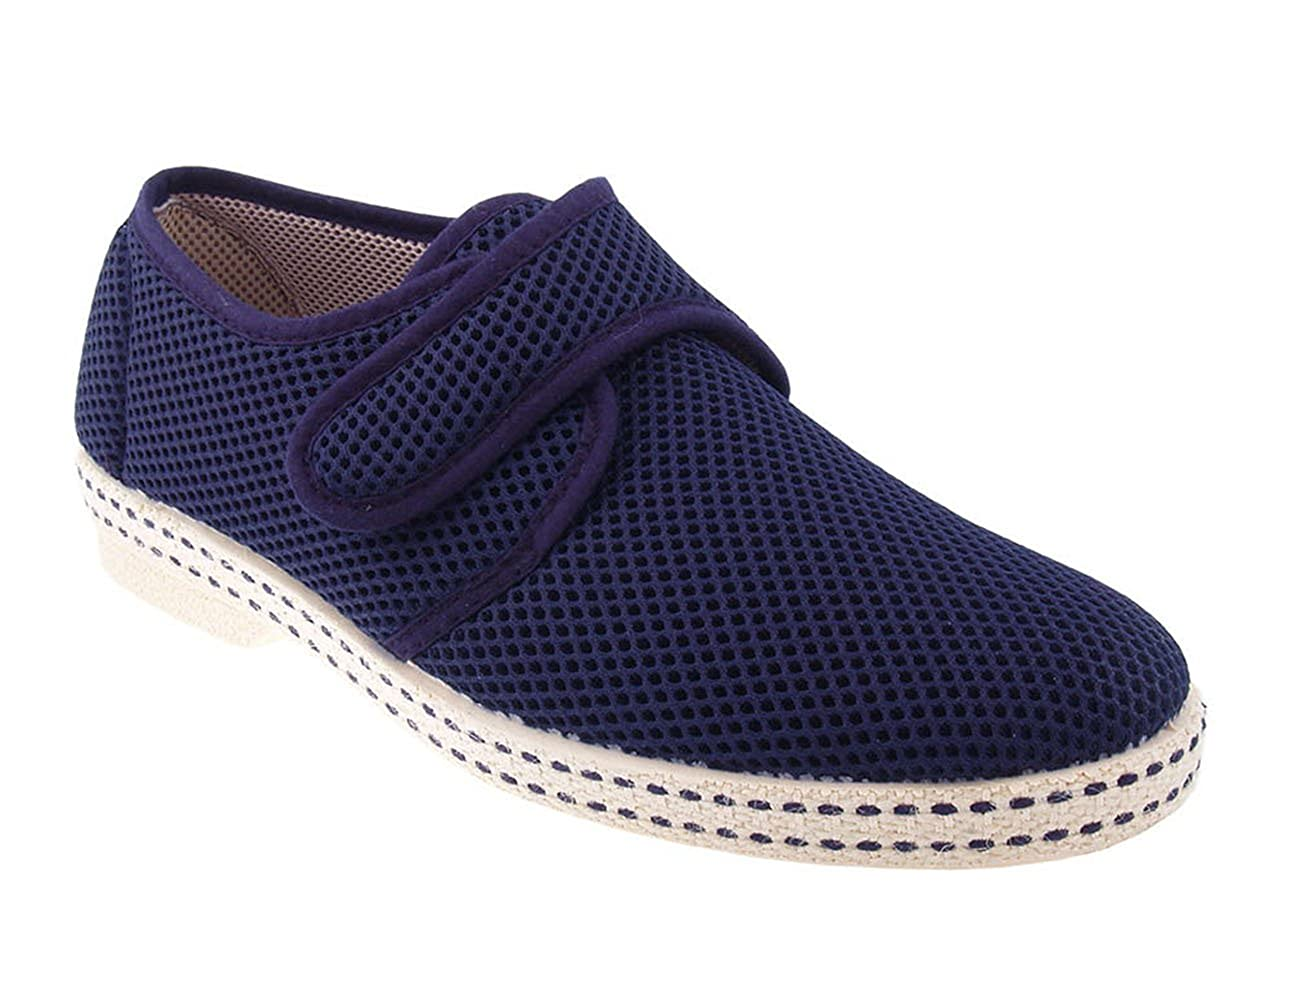 Menhir - Chaussures Beige Taille De L'homme: 41 Livraison gratuite fiable EMBojlprYy